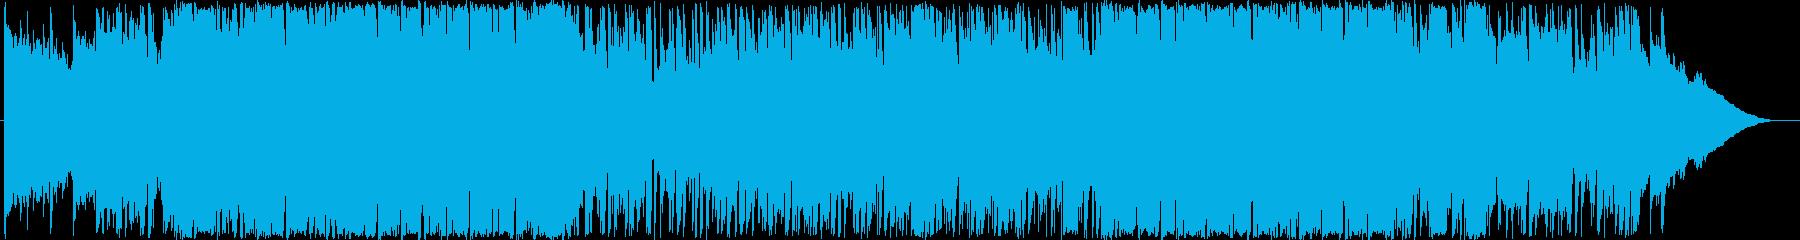 ちょっと切ない雰囲気のポップロックの再生済みの波形